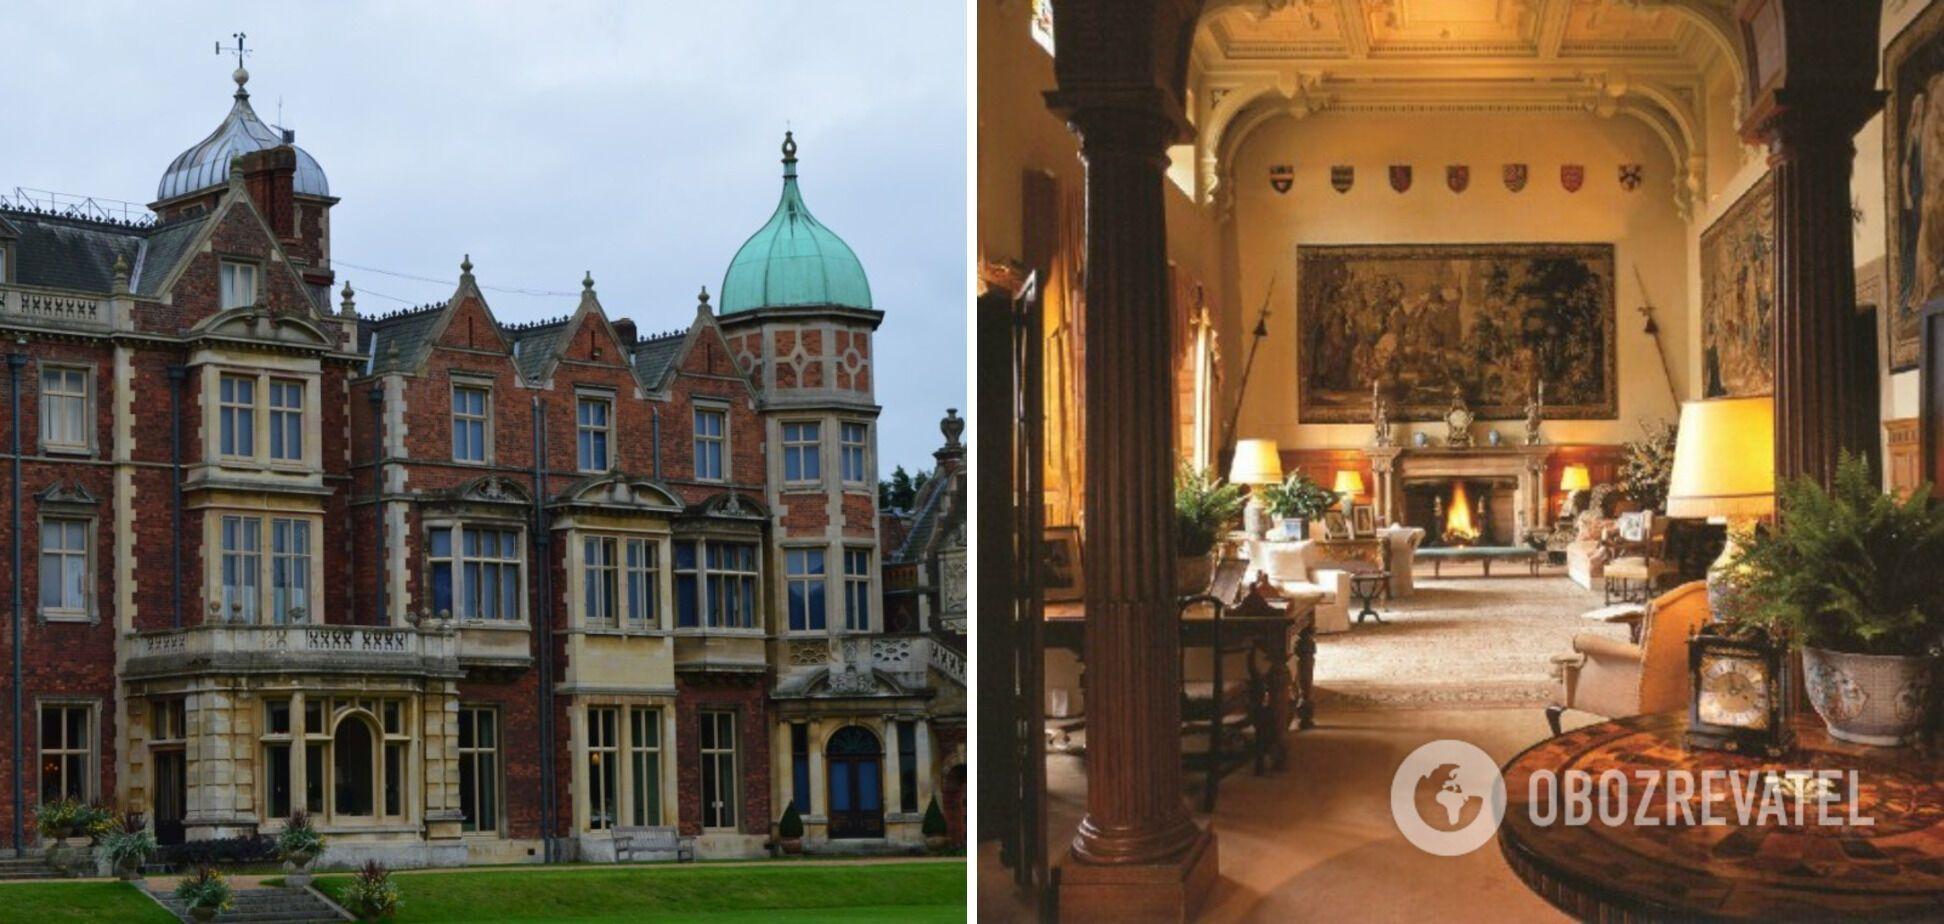 Сандрінгемський палац часто використовується для відпочинку під час свят